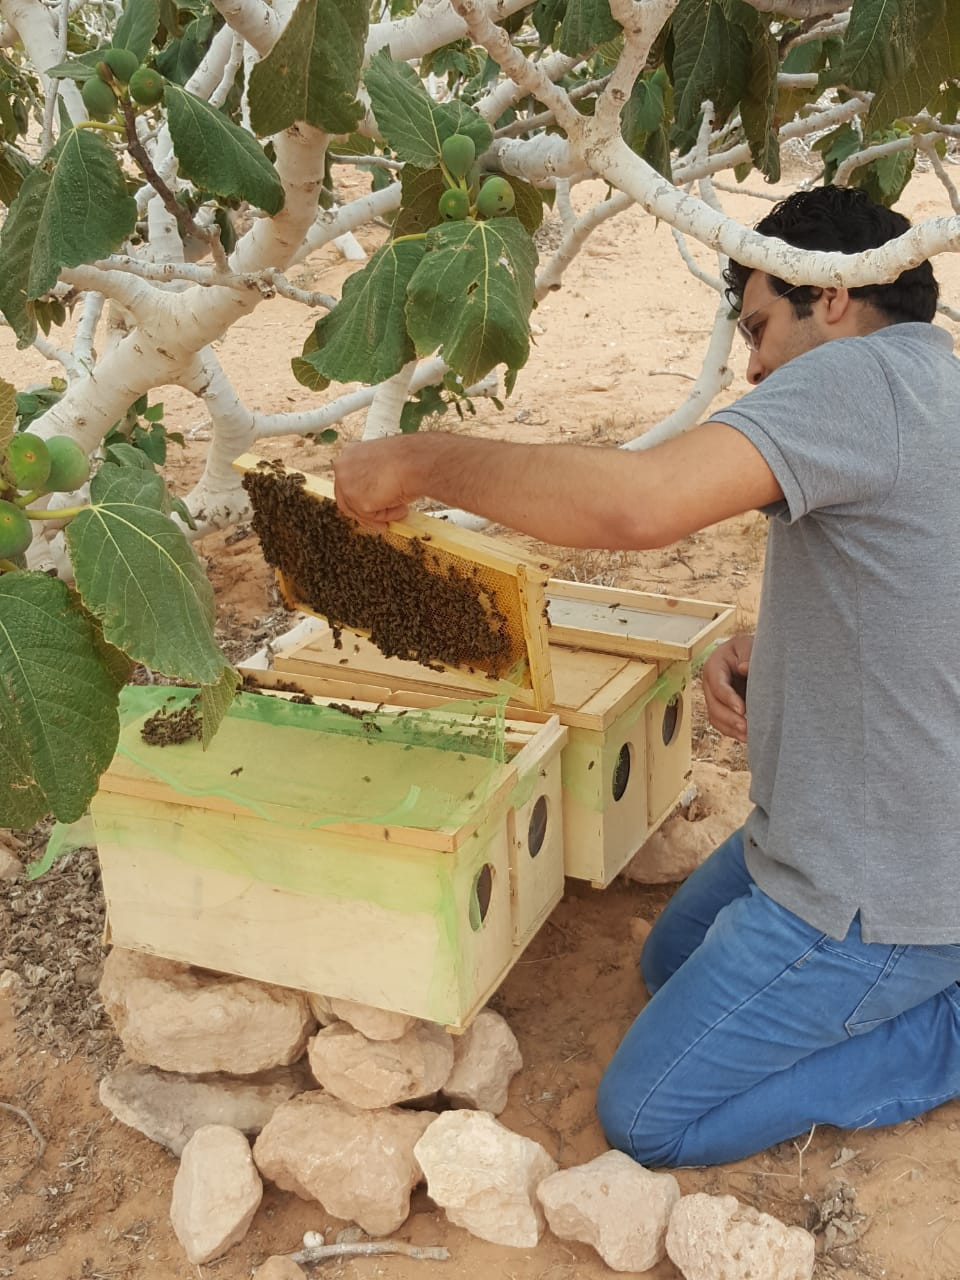 متي يفرح النحل وكيف تكتشف غضبه؟